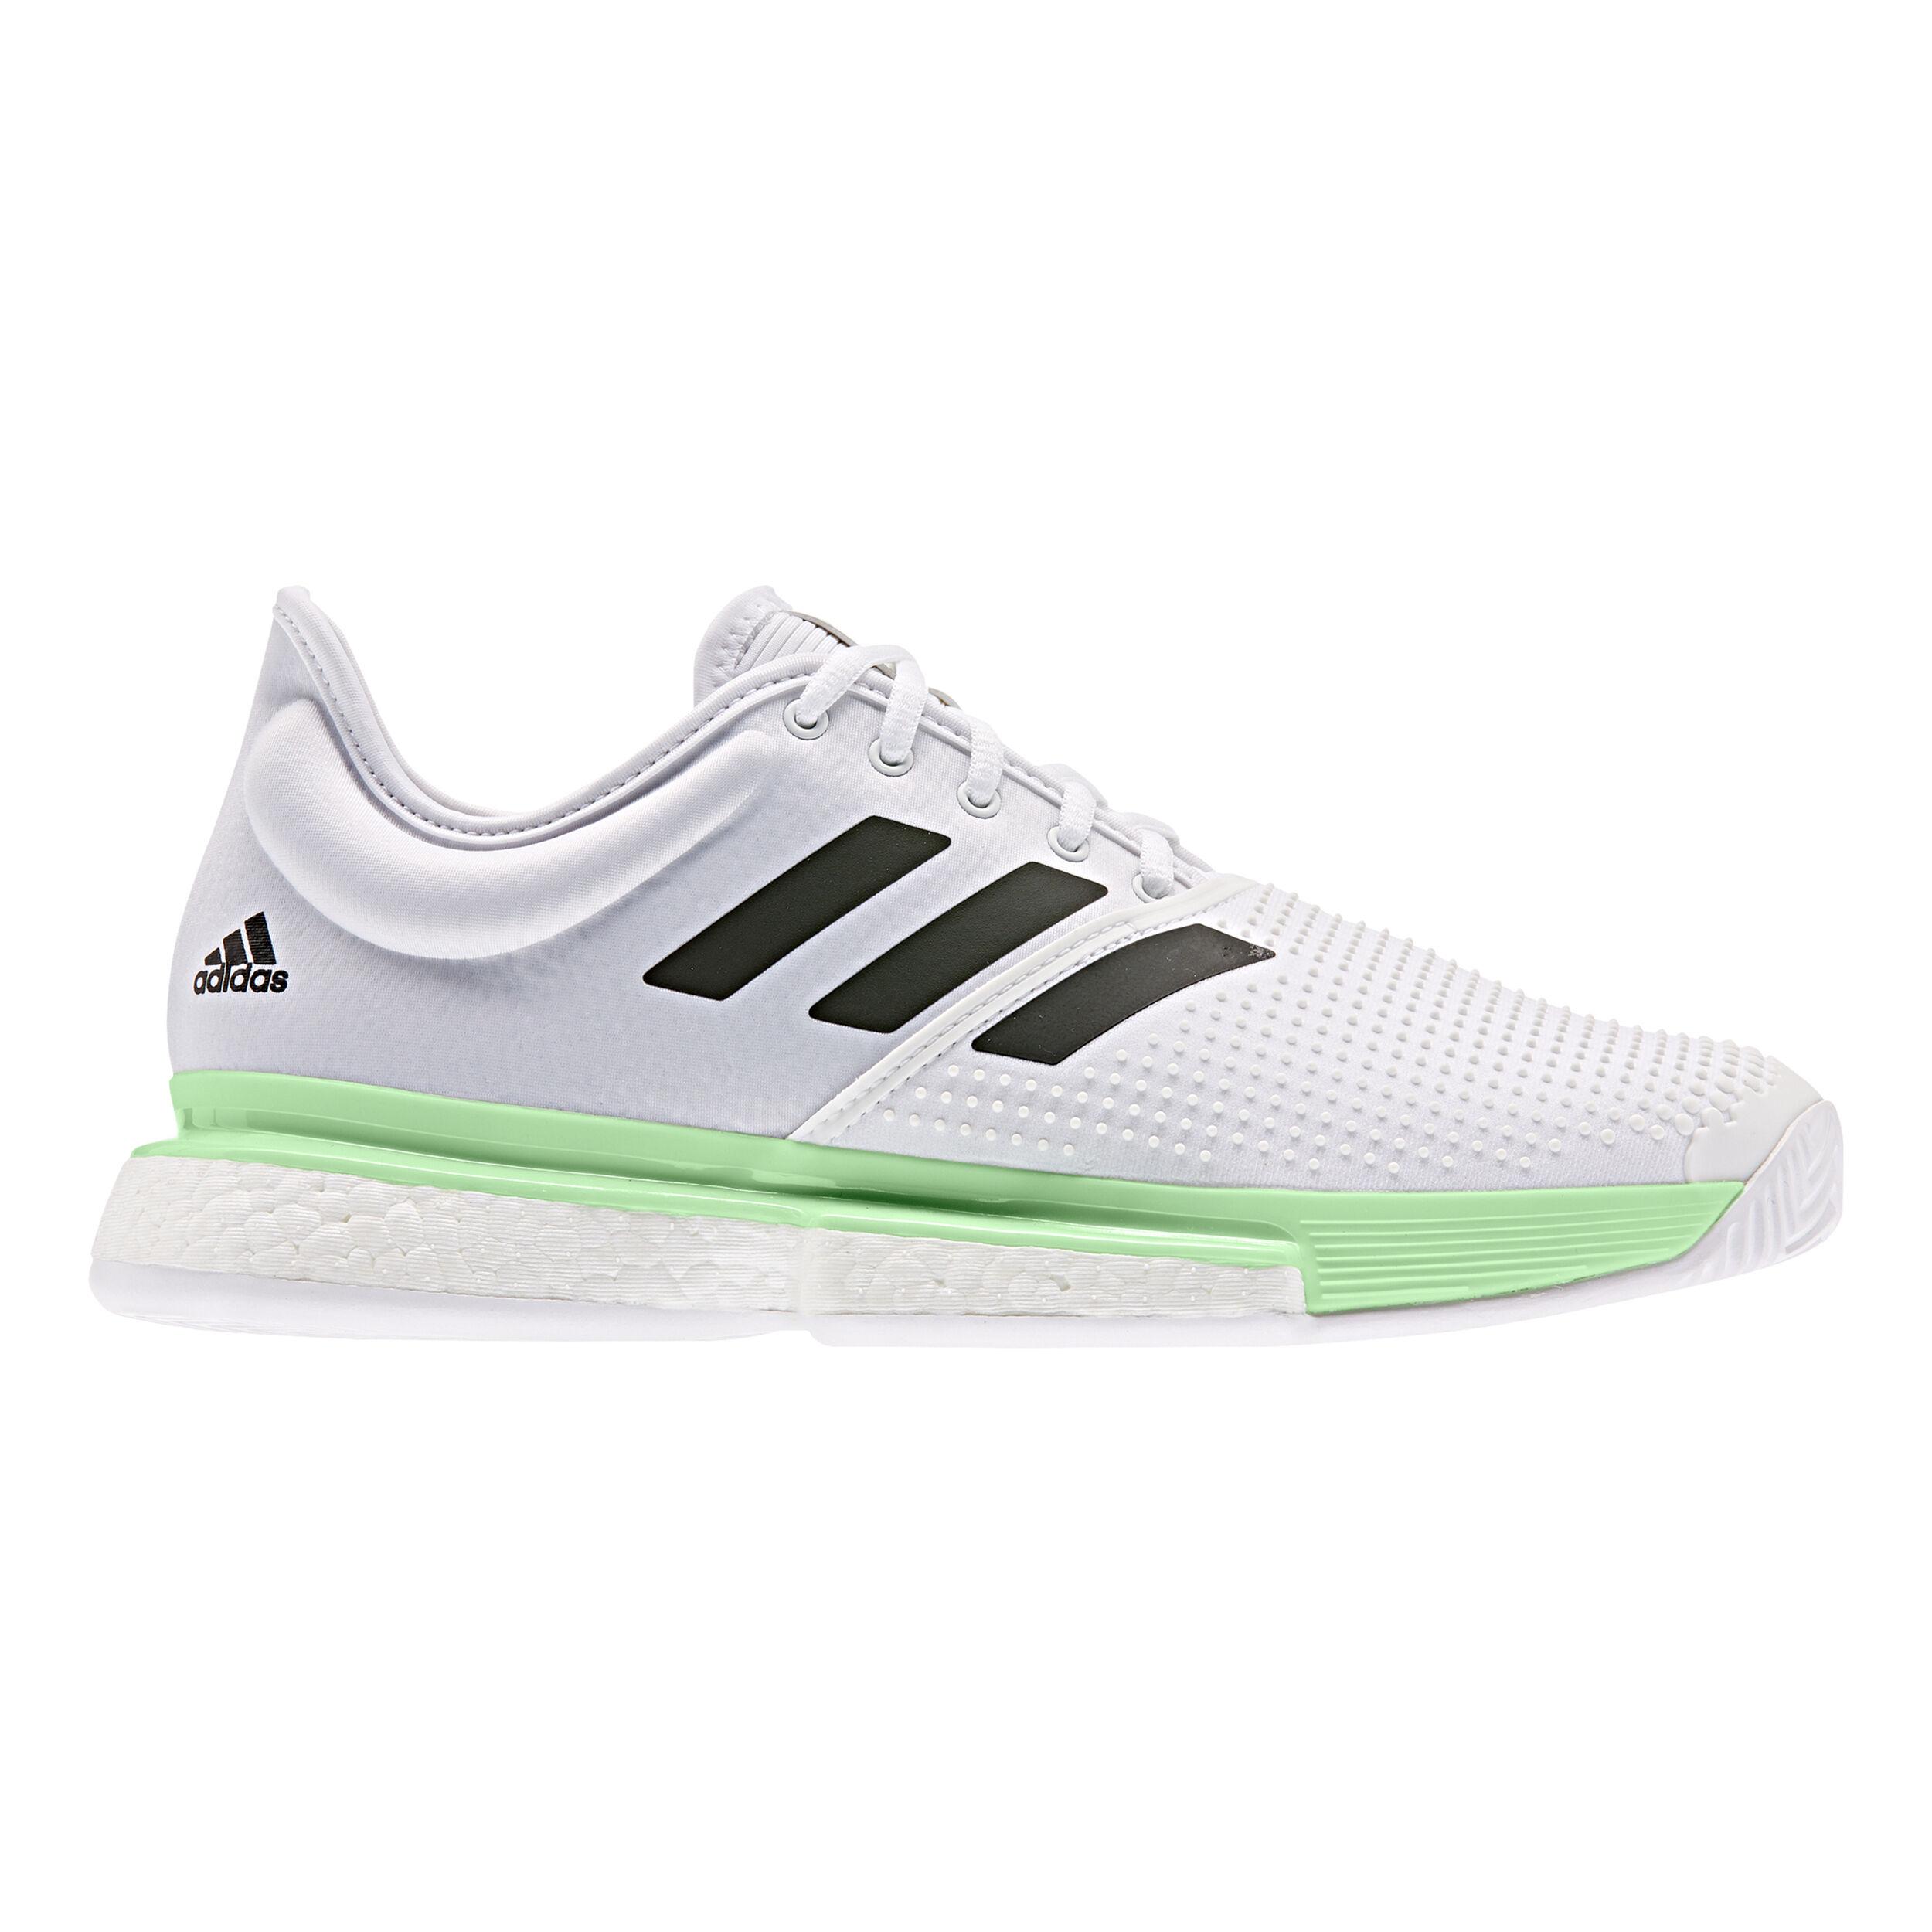 adidas Sole Court Boost Chaussure Tout Terrain Hommes Blanc , Vert Clair